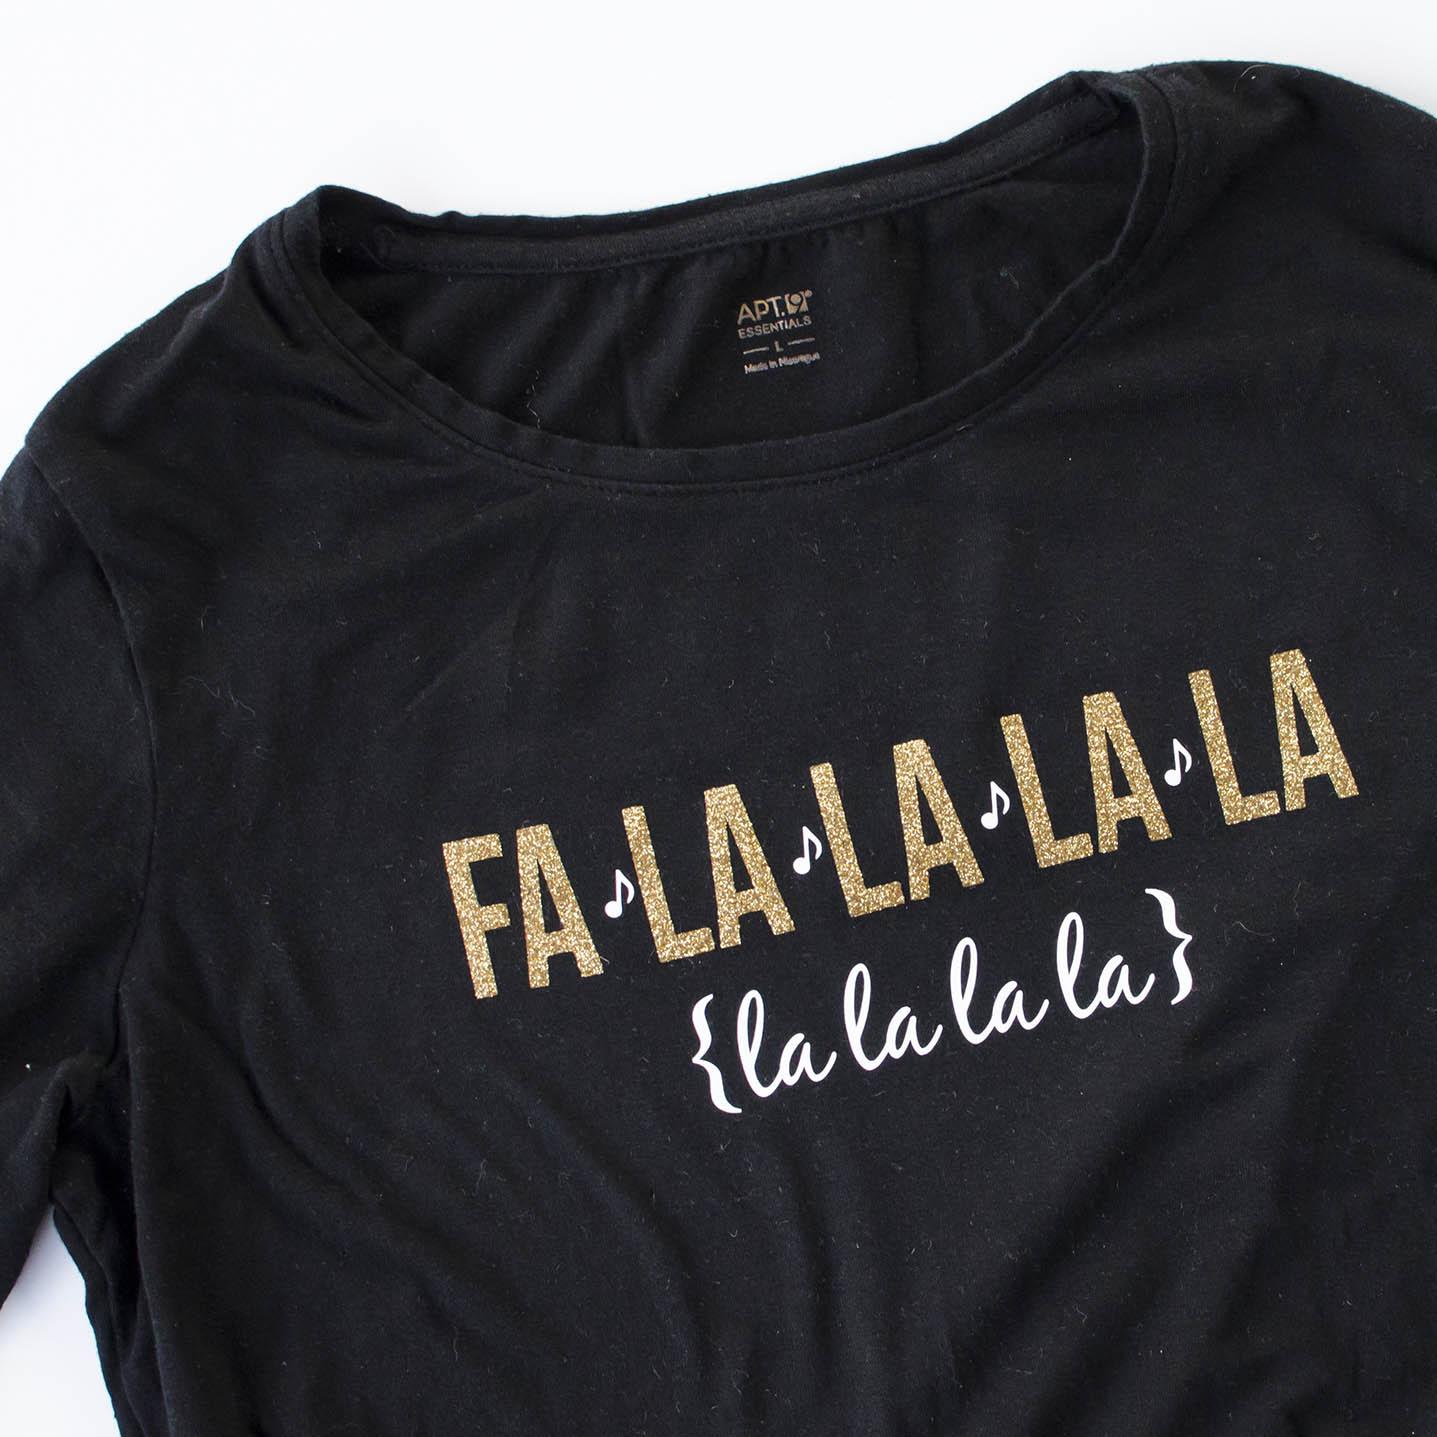 Fa la la Christmas Shirt with Glitter HTV - unOriginal Mom